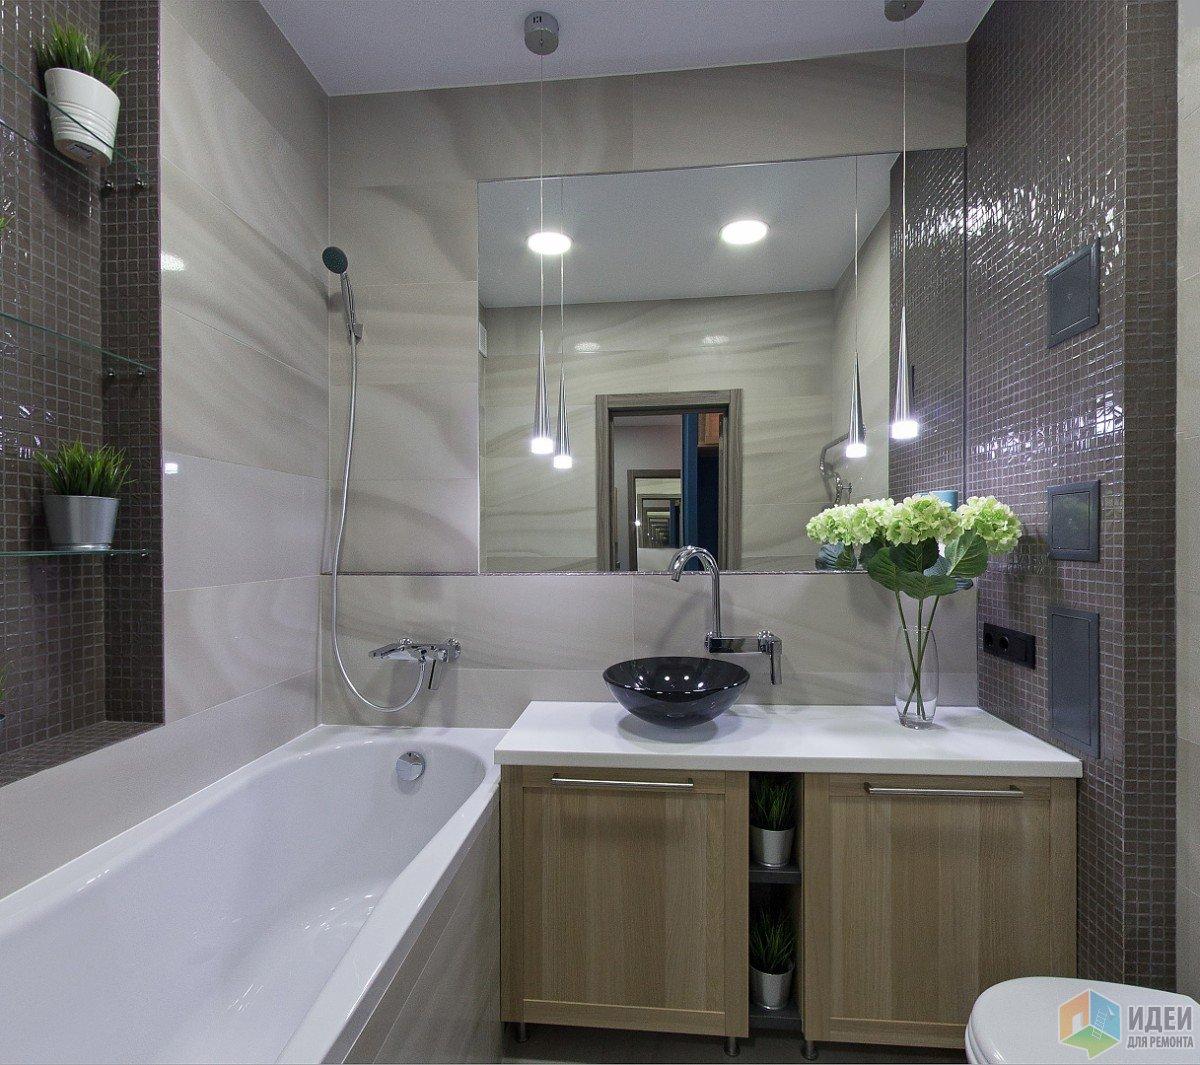 Обслуживание слива в ванной, через дырку в боковом отверстии шкафа